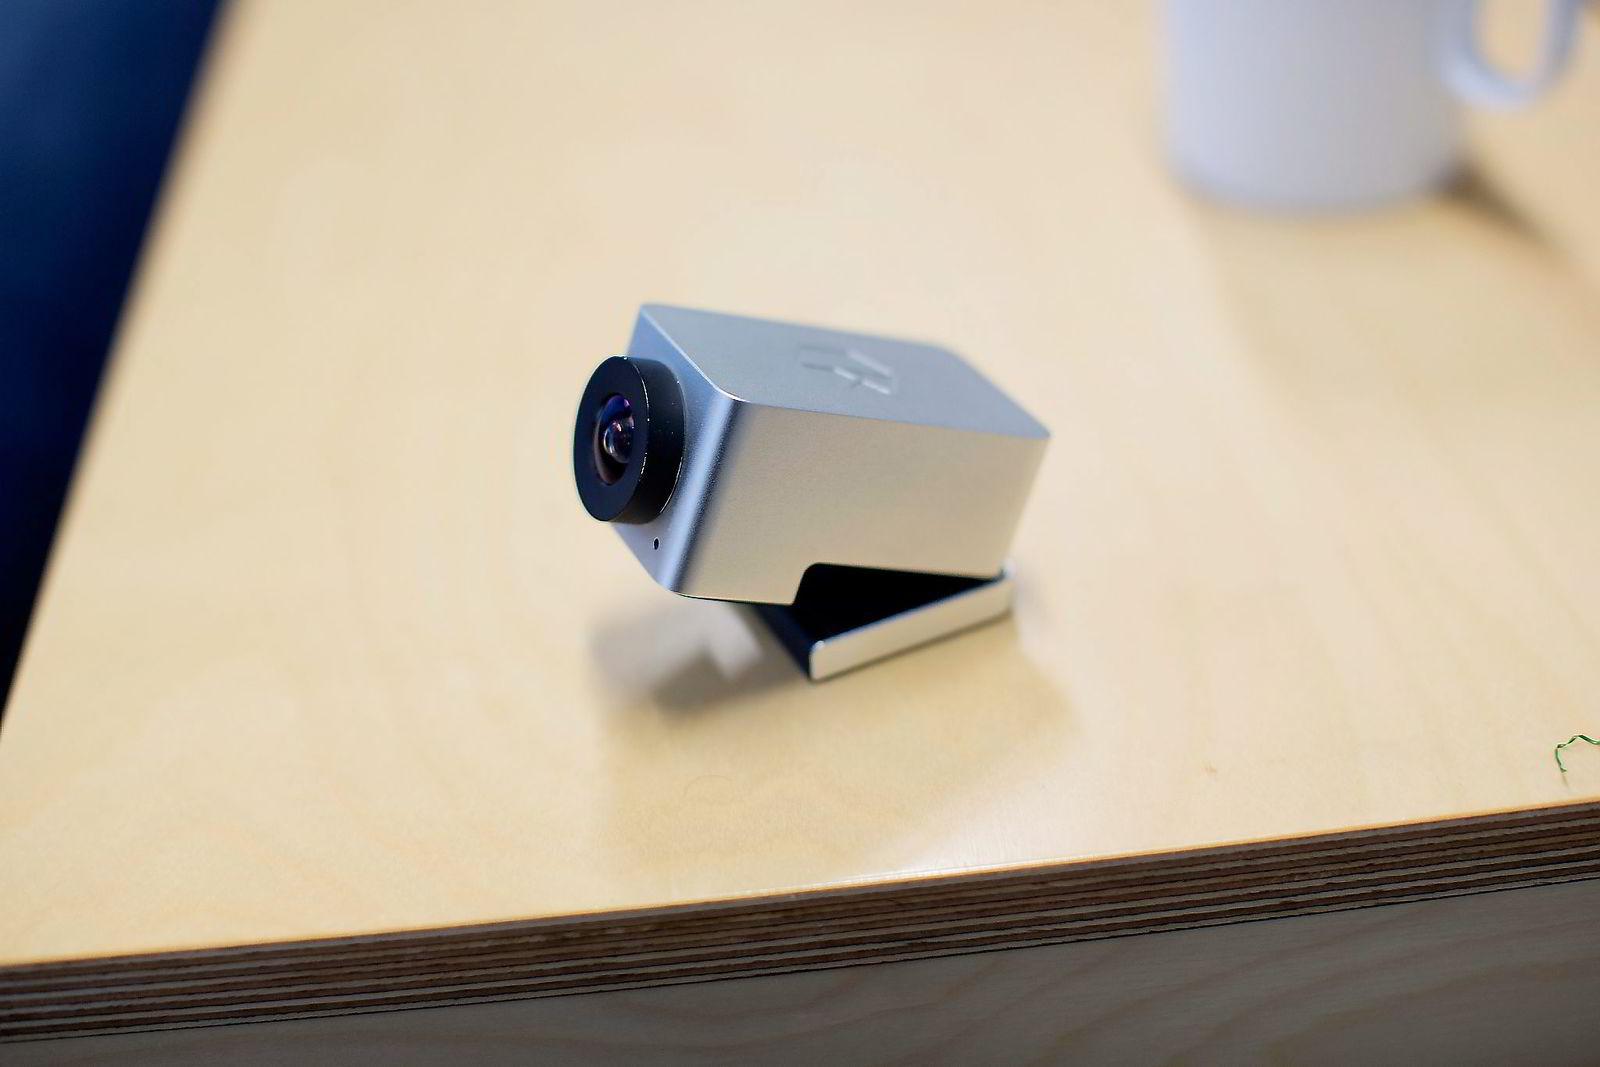 Tradisjonelle videokonferanseløsninger er gjerne store og dyre, faste installasjoner. Kubicam tror lav pris og lite format åpner for nye typer bruk. Kameraet er ikke mer enn 6,4 centimeter langt. Foto: